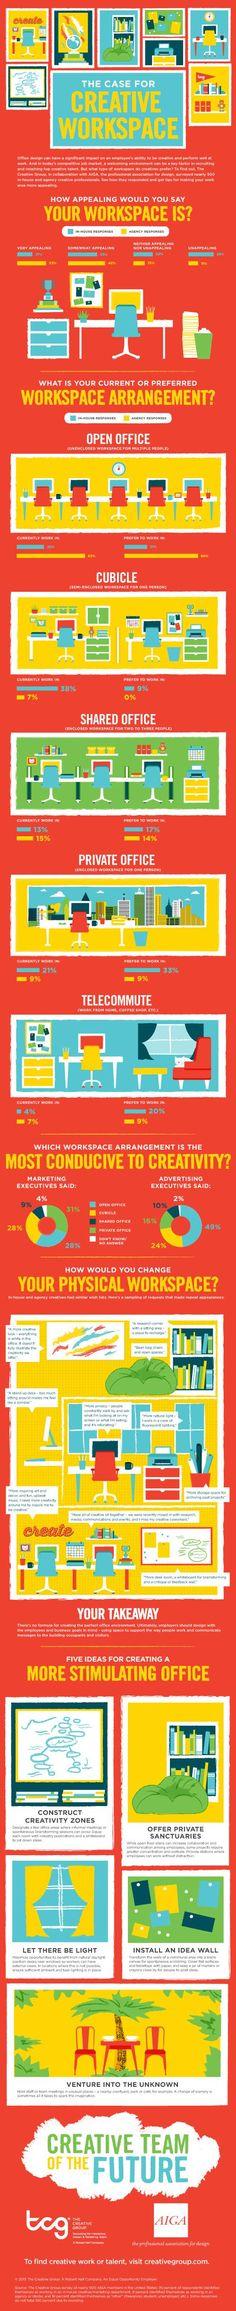 Infographic: Creative Workspaces   Robert Half